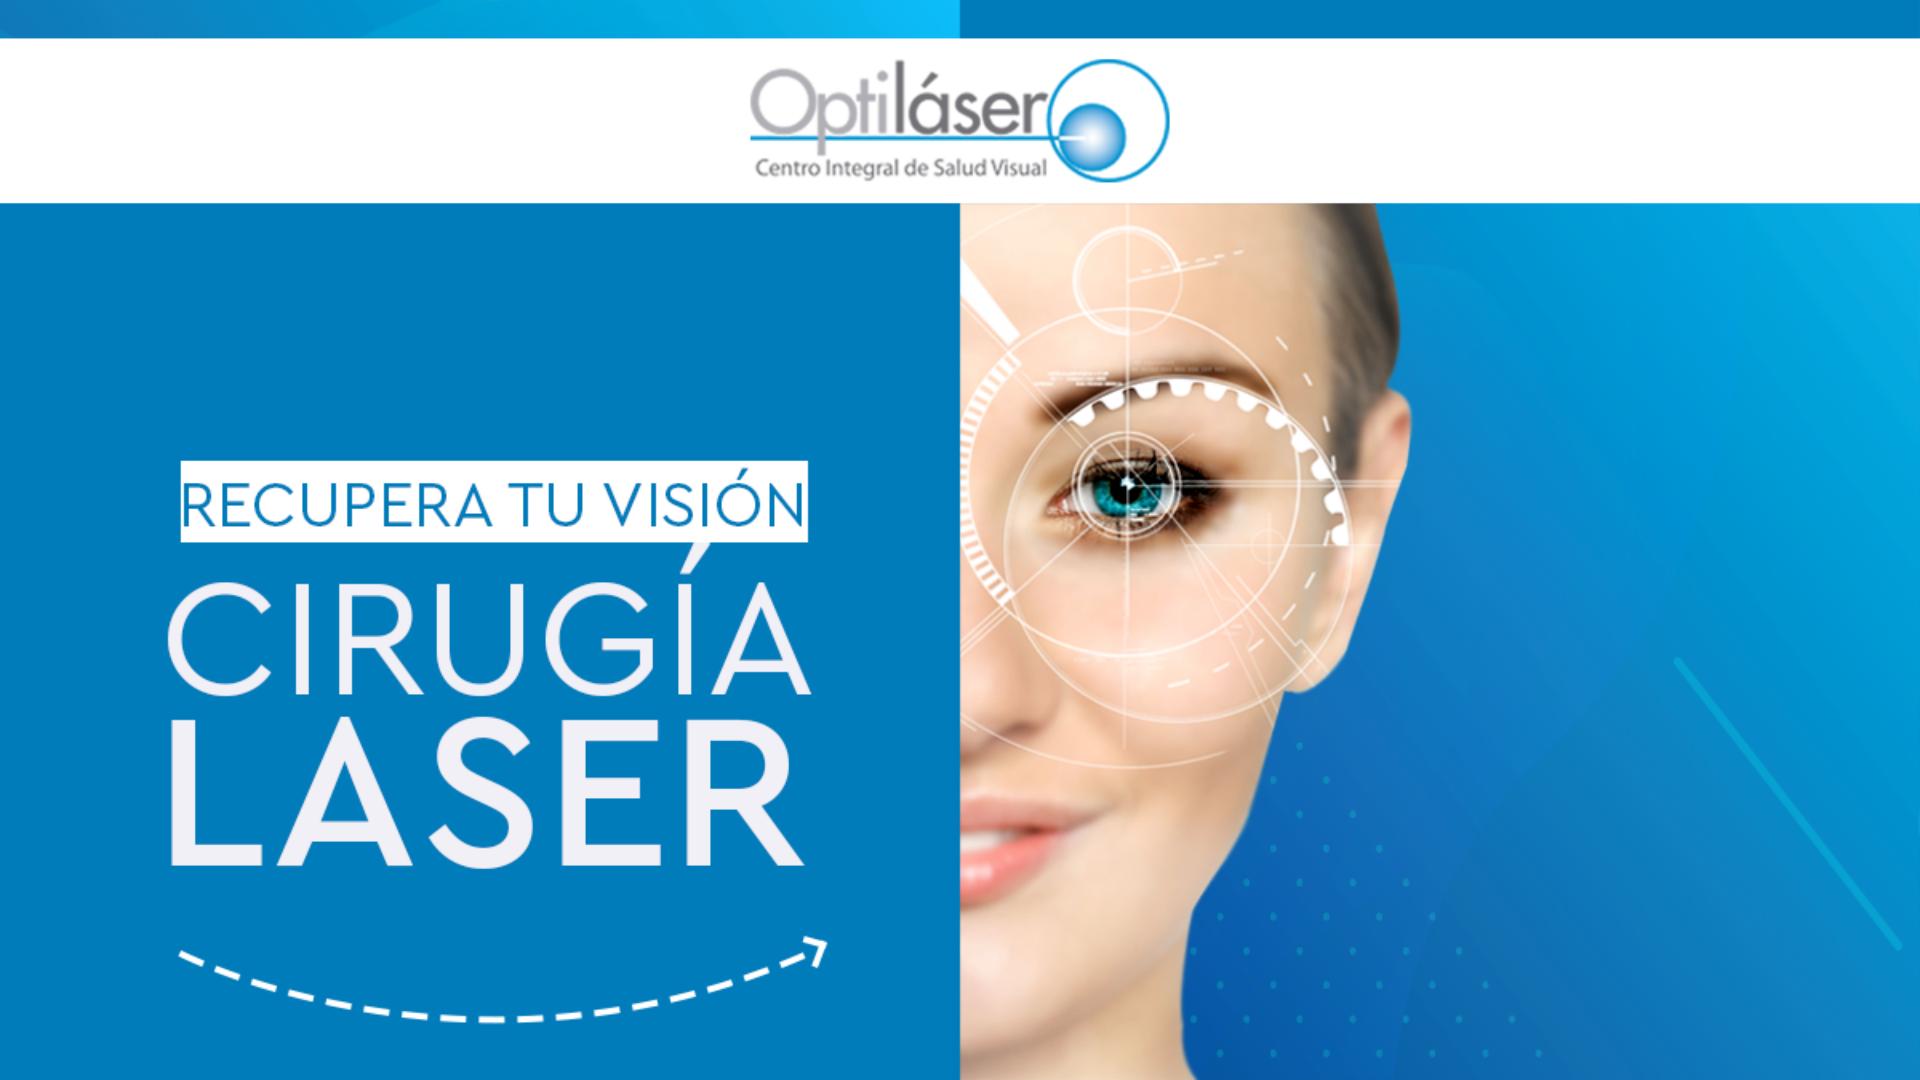 Cirugía láser para miopía y astigmatismo